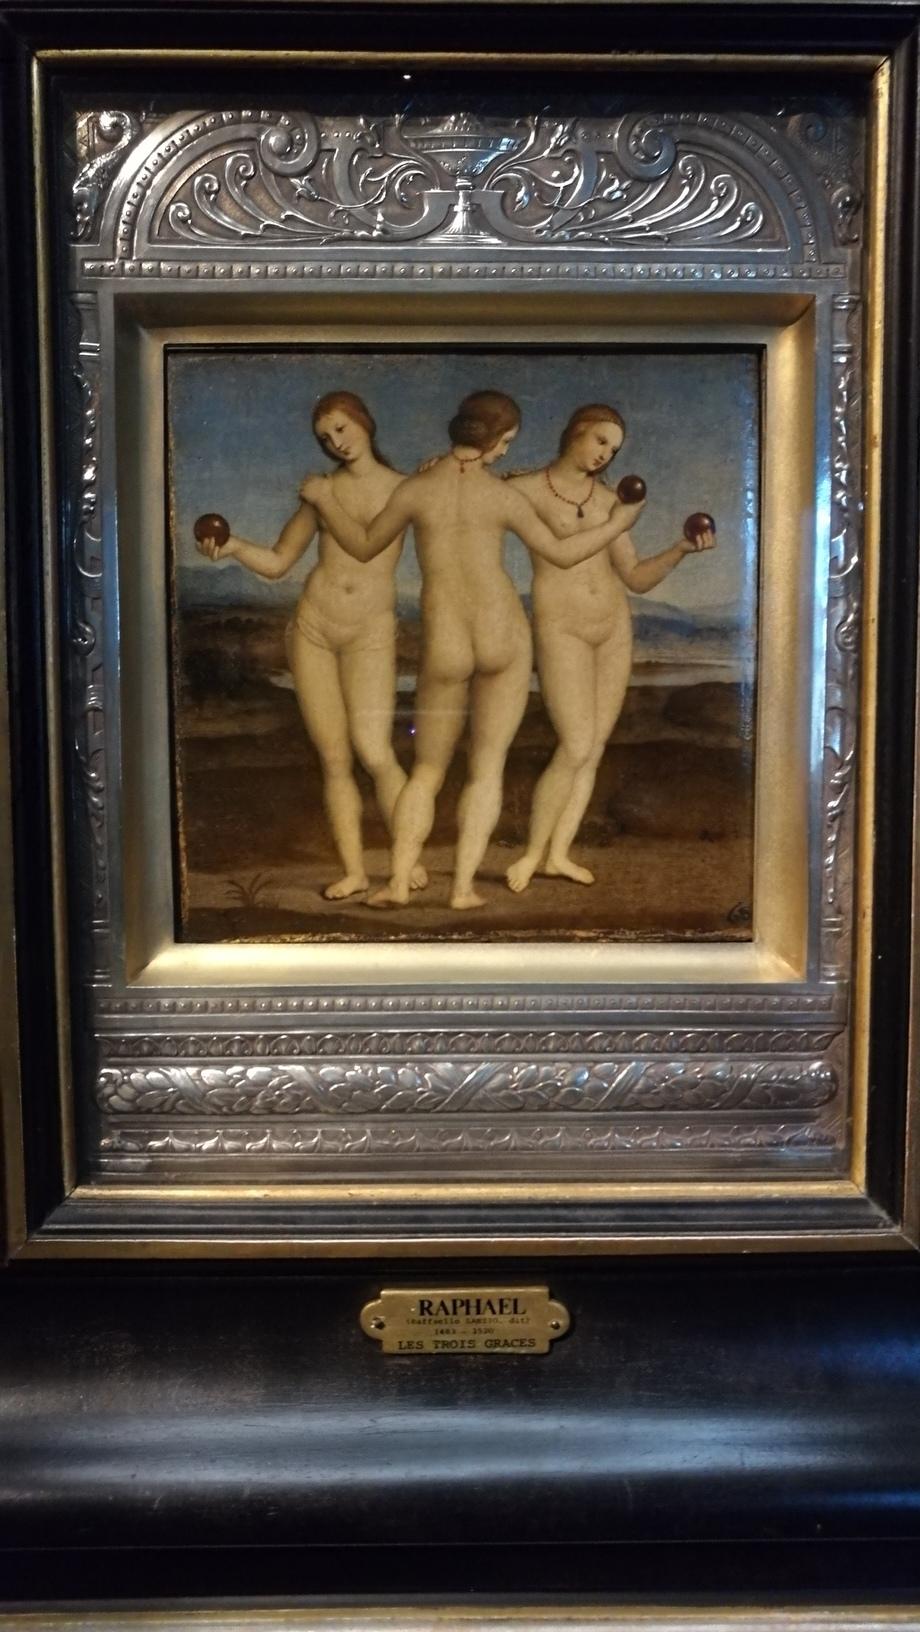 Three Graces โดย Raphael